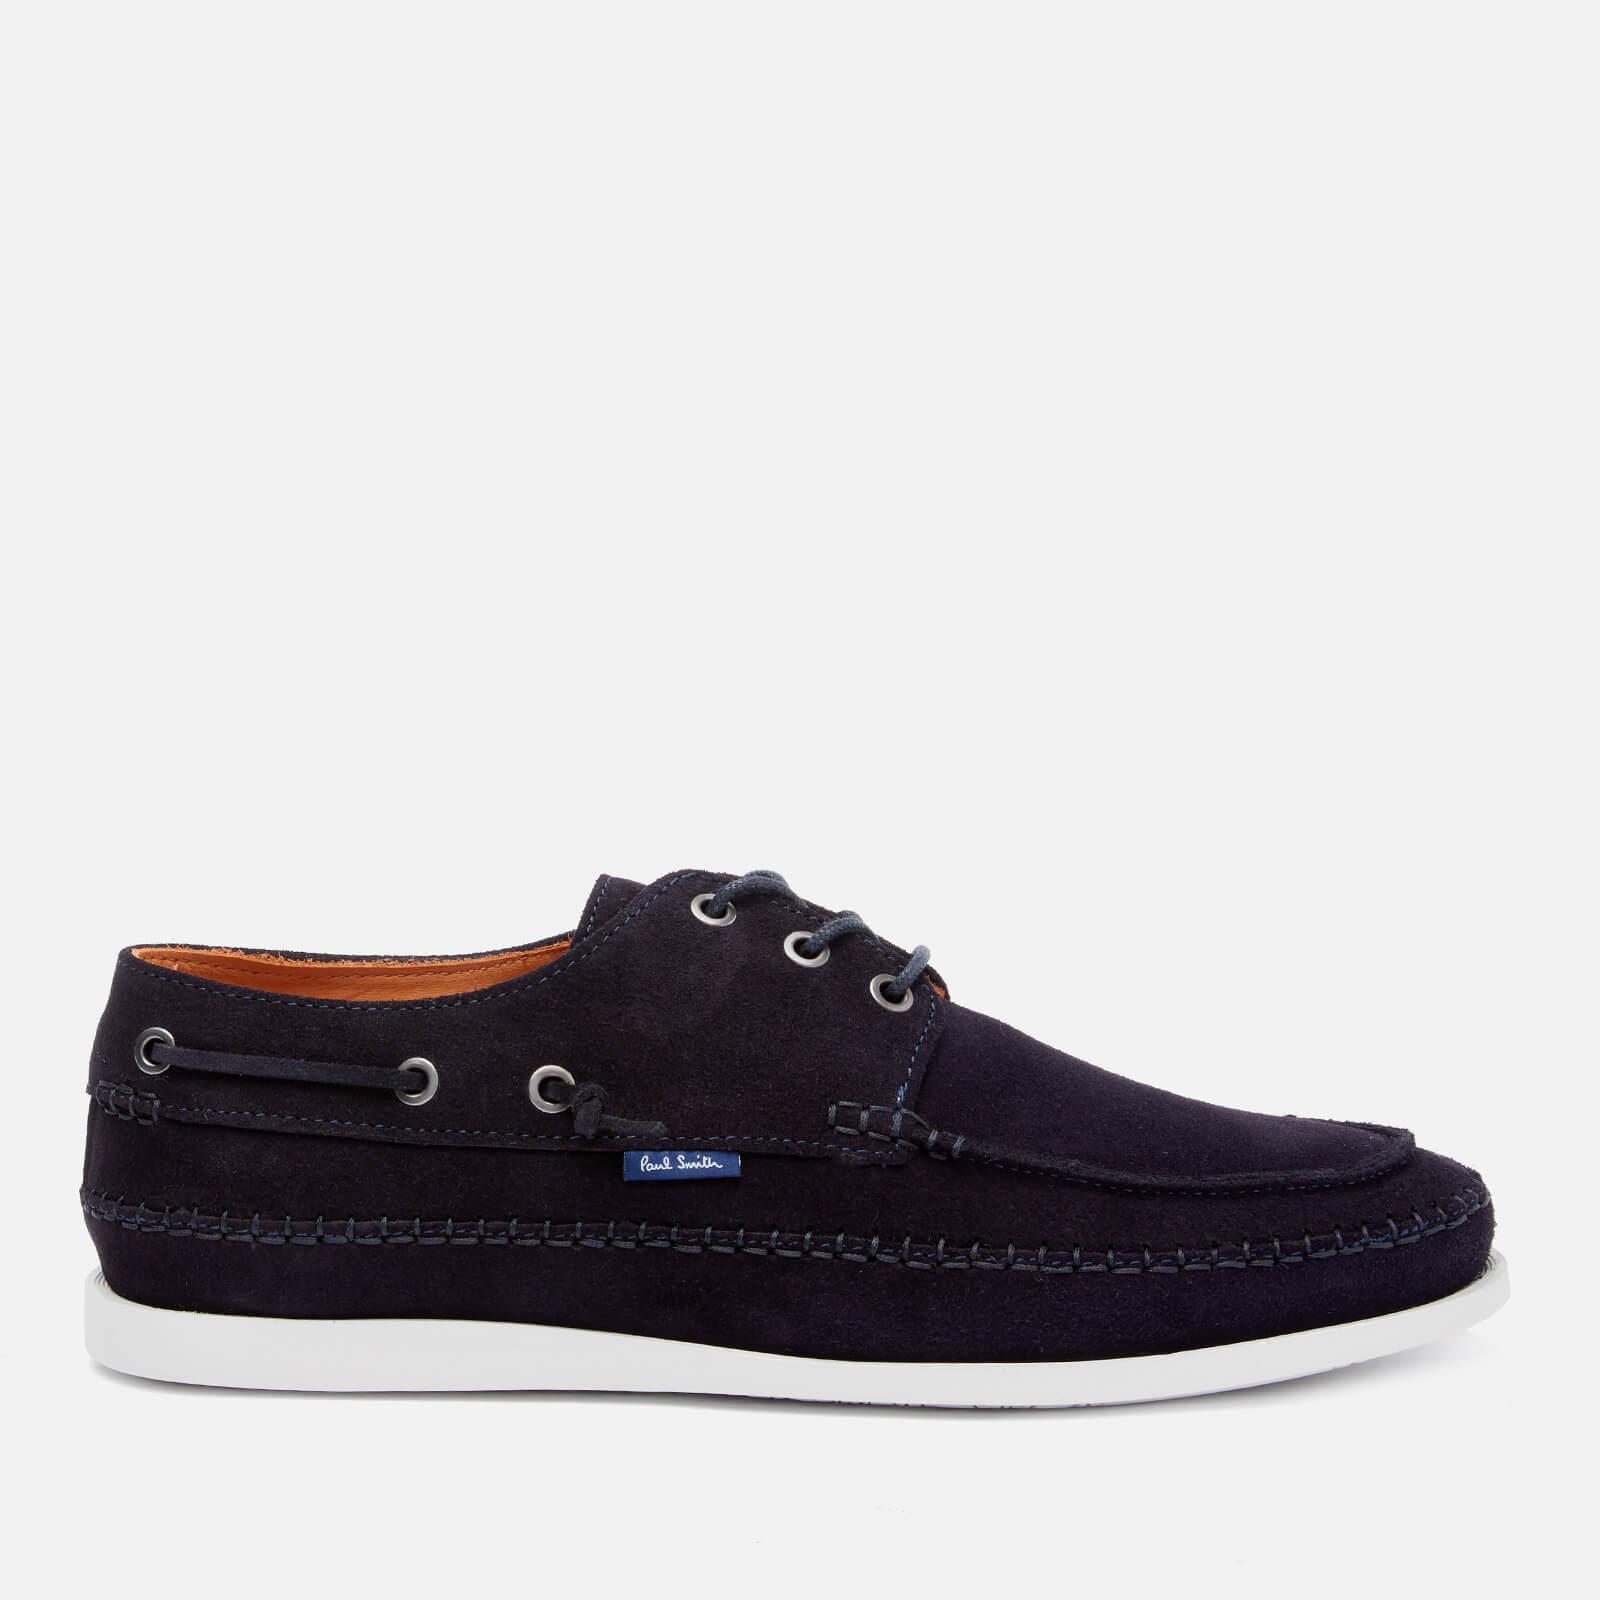 ps paul smith men's hobbs suede boat shoes - navy - uk 7